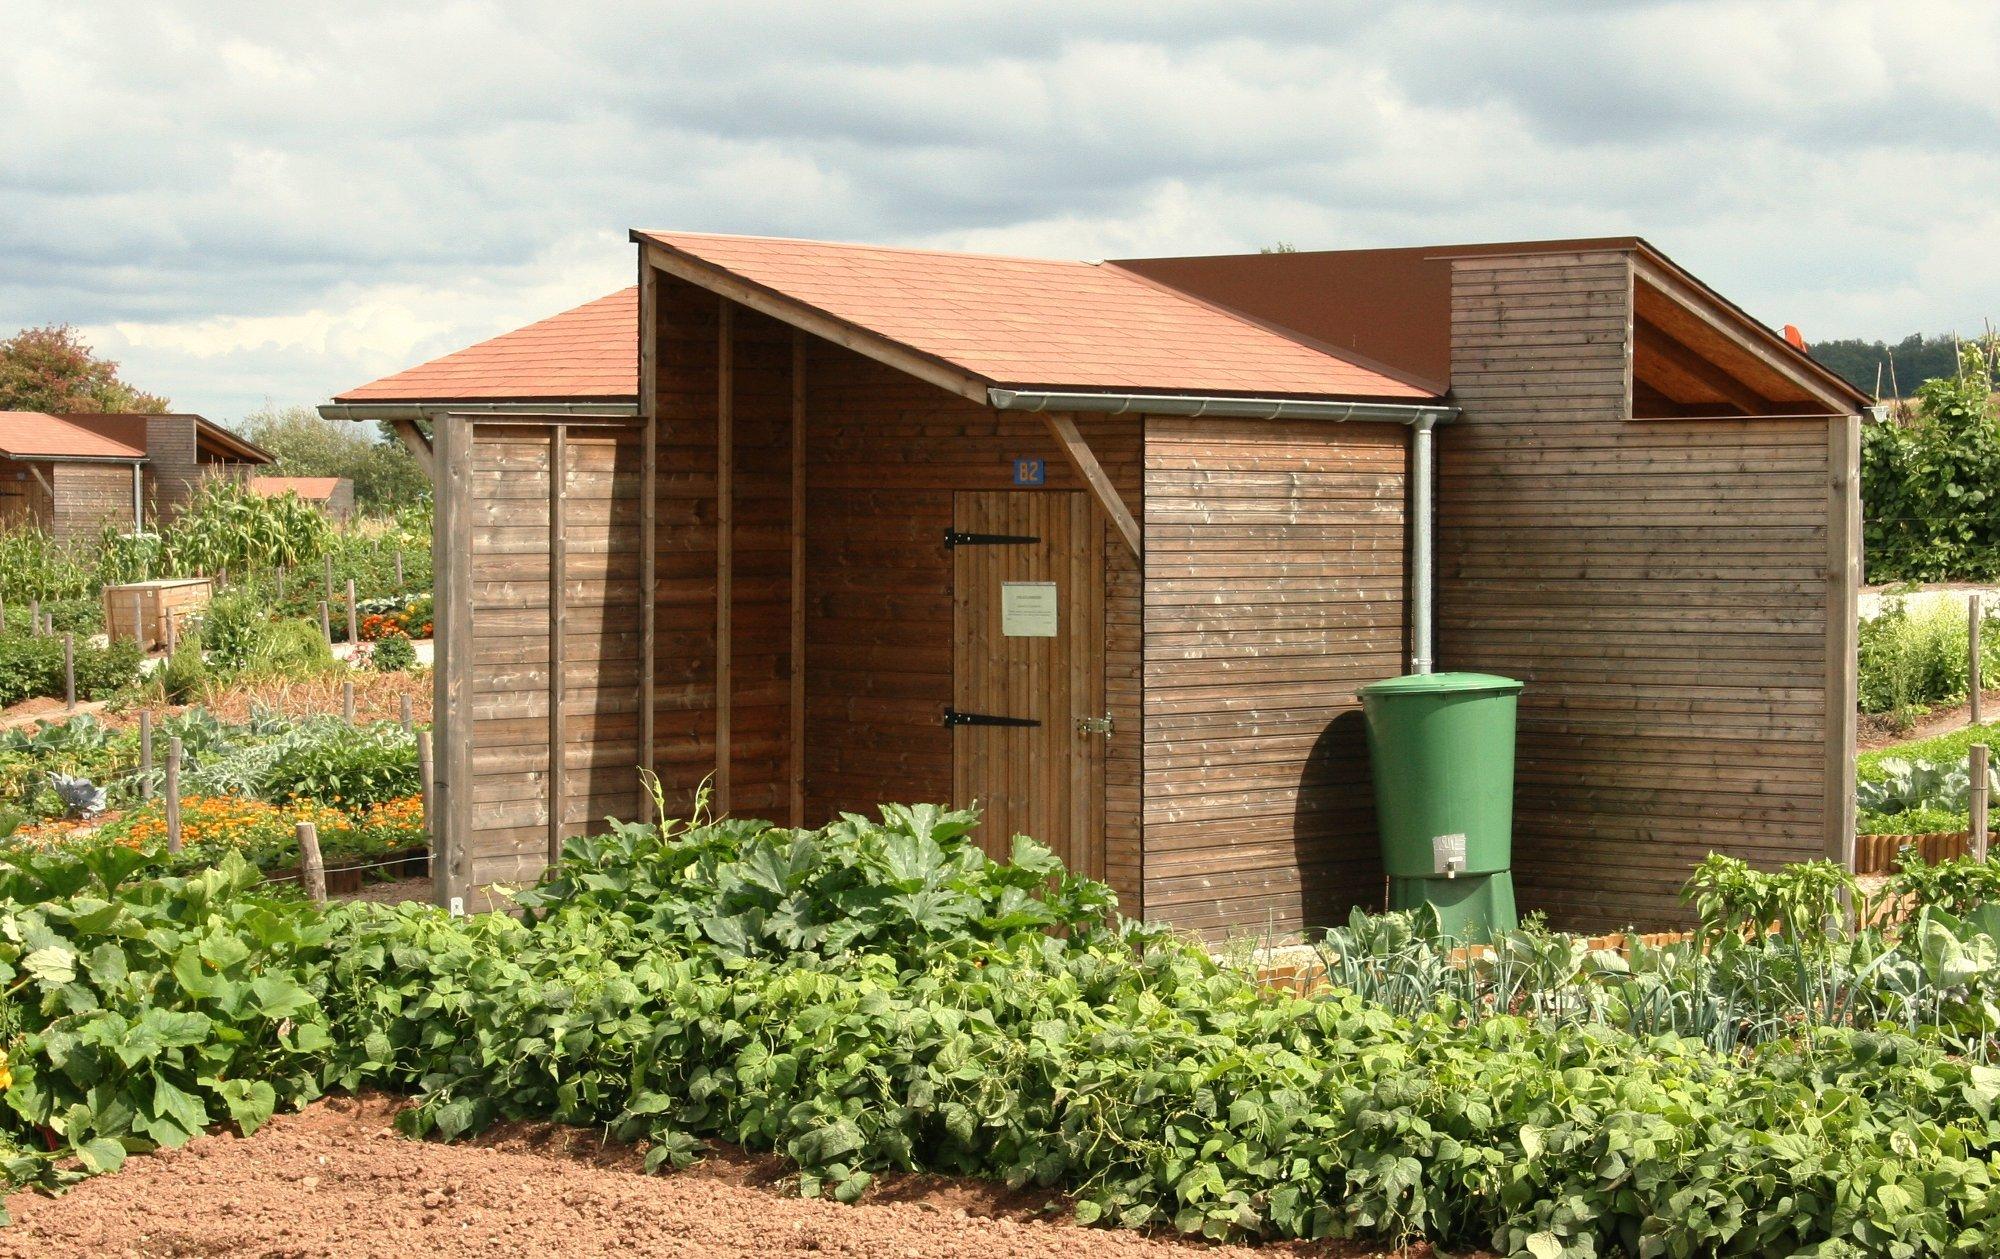 Piscine En Bois Alsace rustyle - fabricant chalets & aménagements extérieurs en alsace